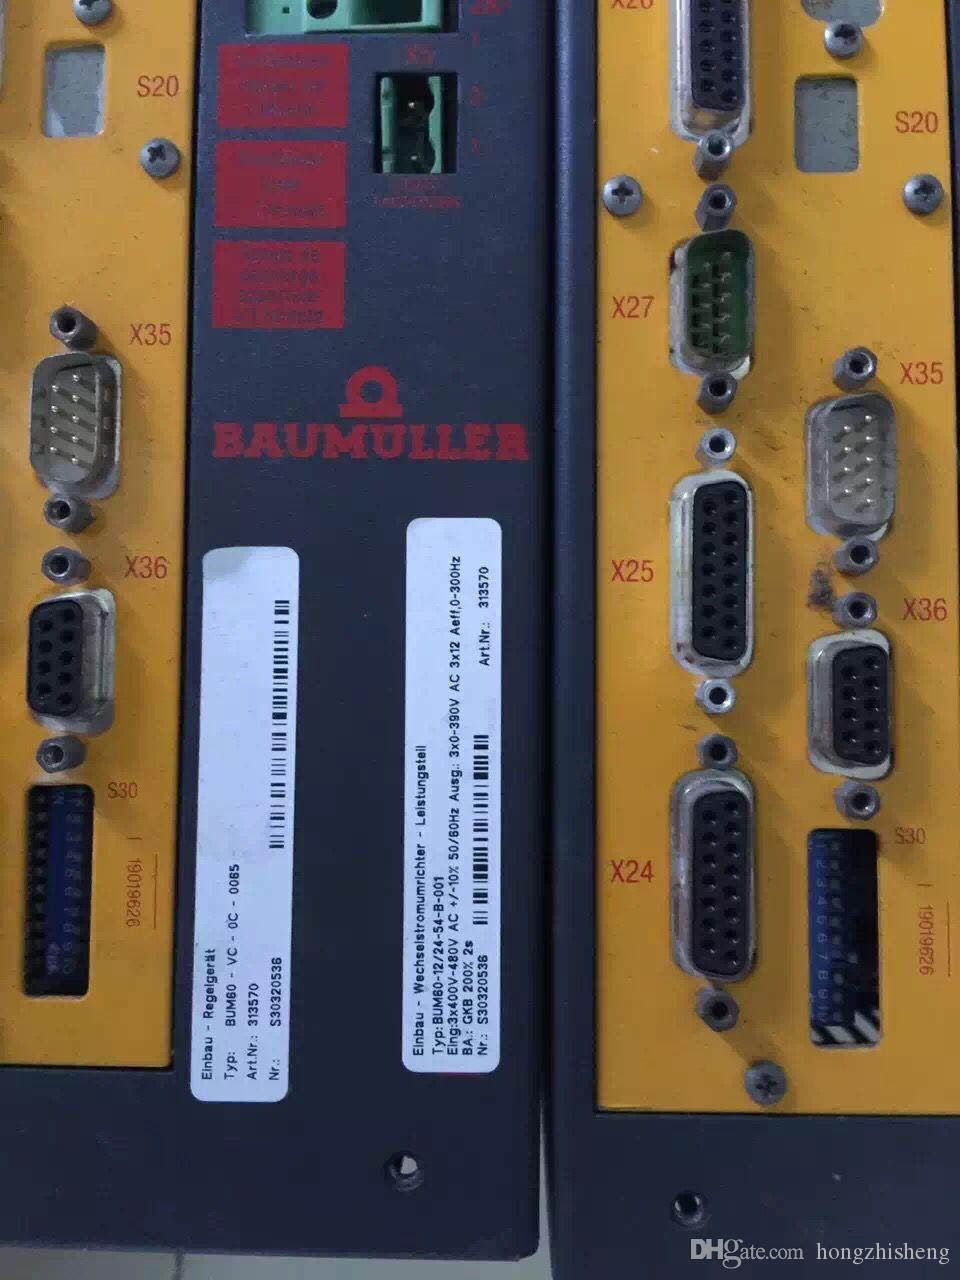 BUM60-12 / 24-54-B-001 используется в хорошем состоянии, работает отлично